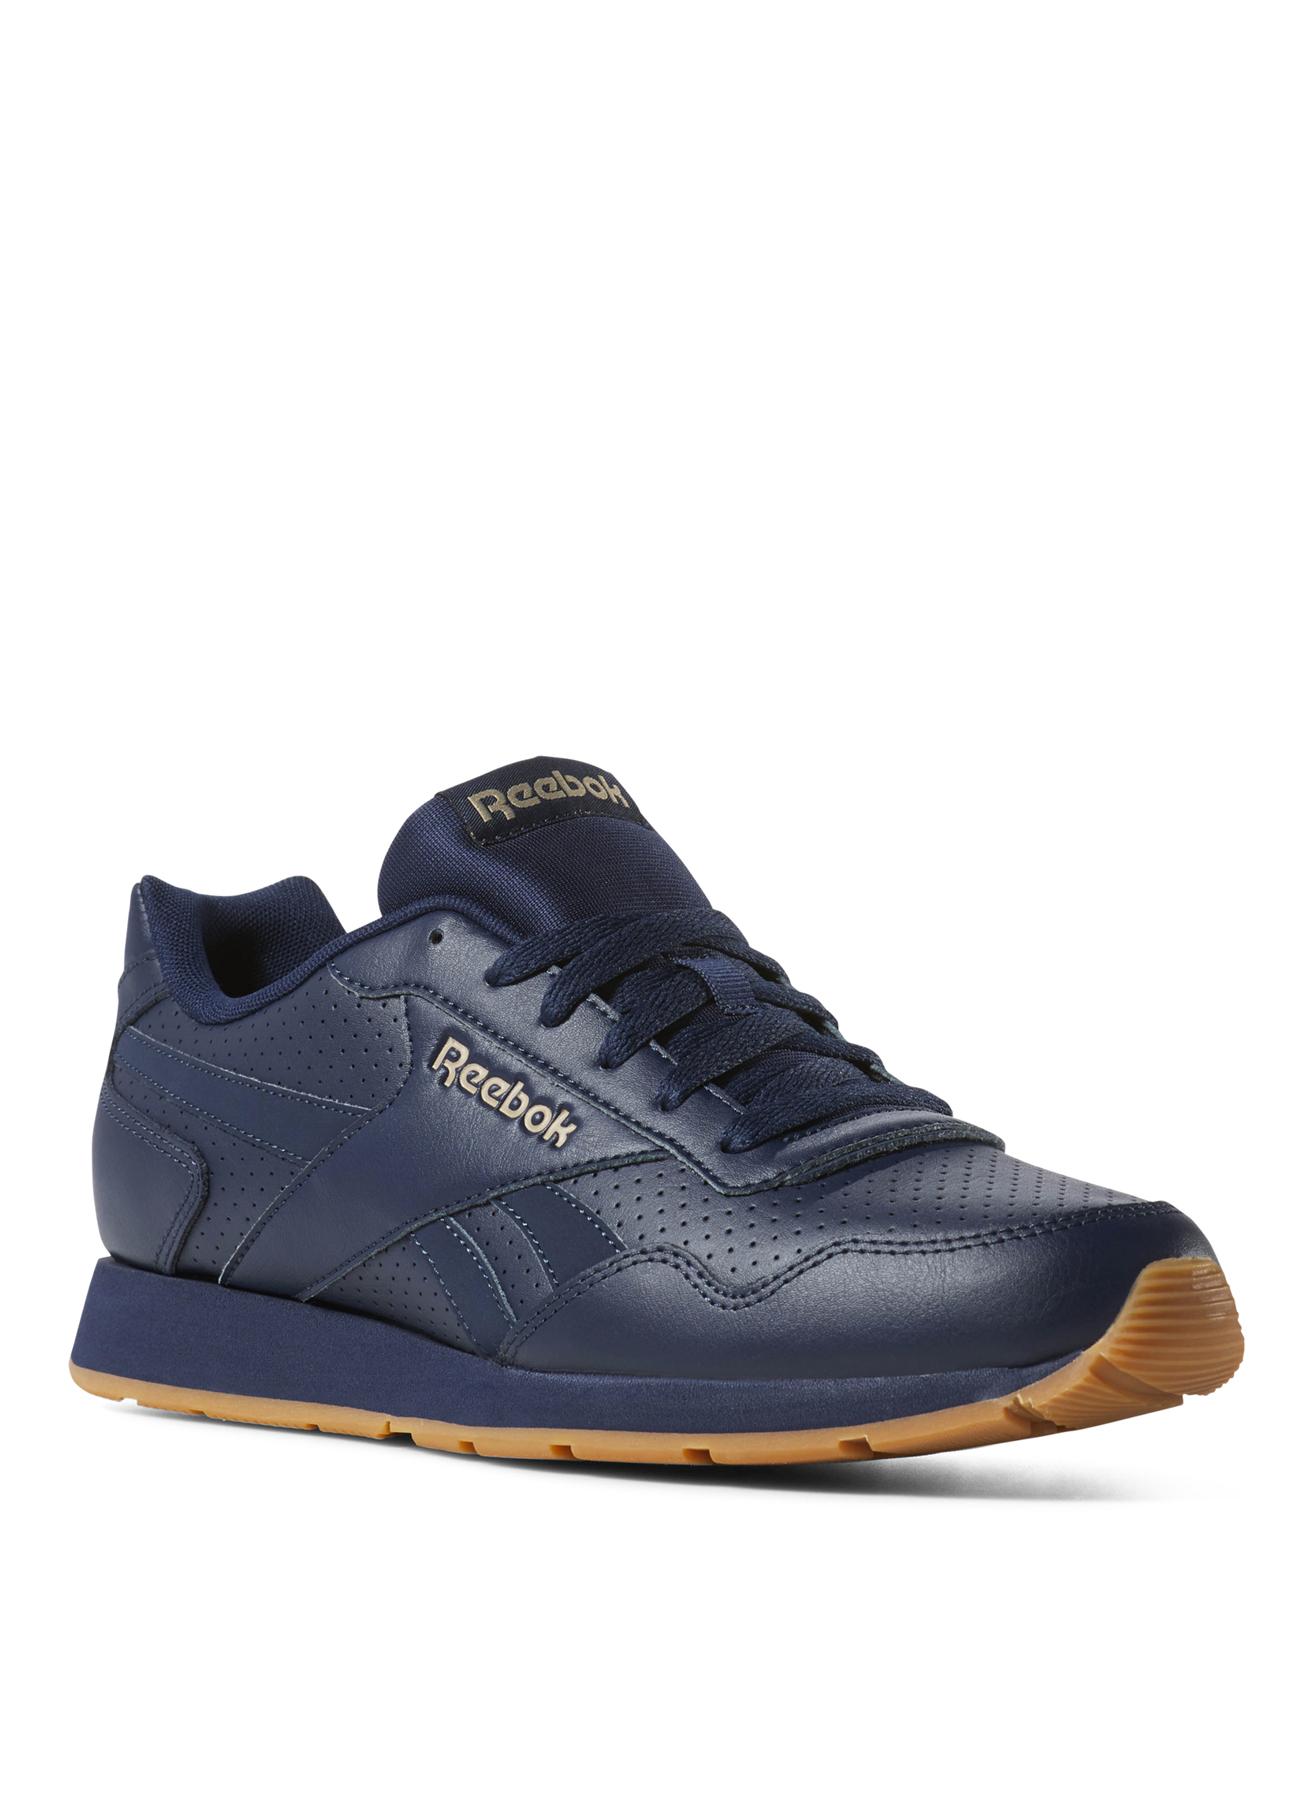 Reebok Lifestyle Ayakkabı 42 5002359675003 Ürün Resmi